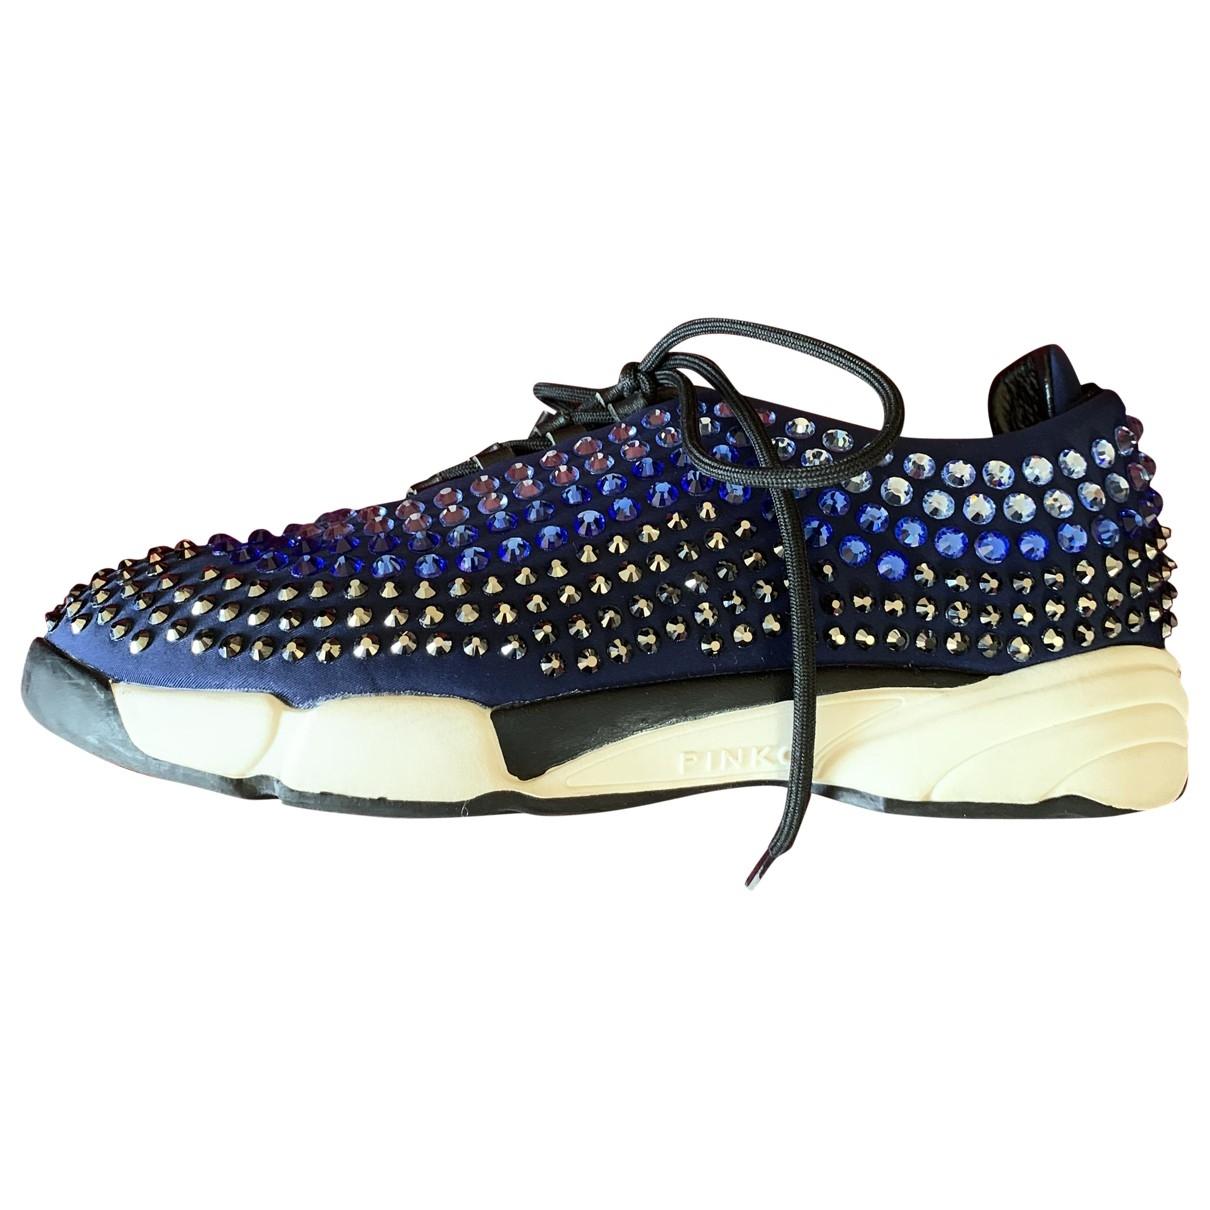 Pinko - Baskets   pour femme en a paillettes - bleu